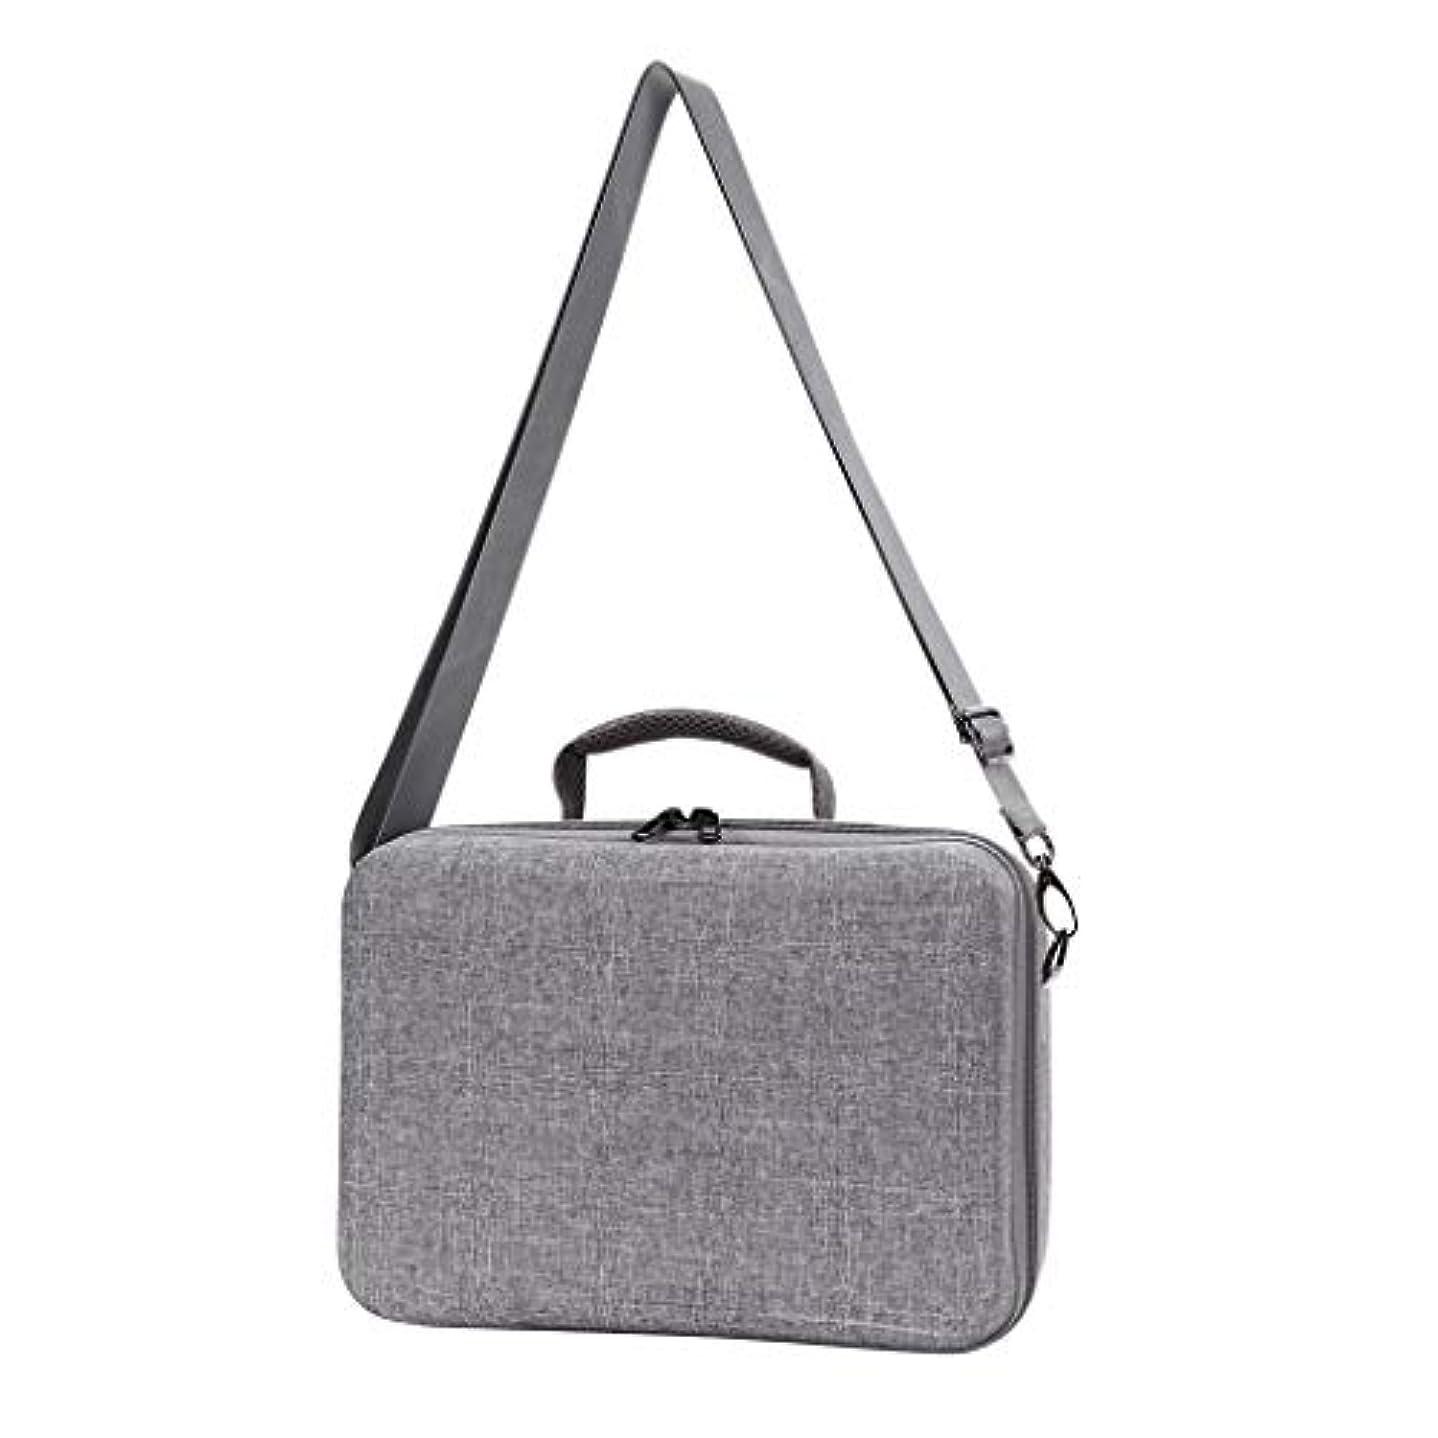 スーツケース雑多な含意収納バッグ スーツケース 防水 道具 ケース 汎用性